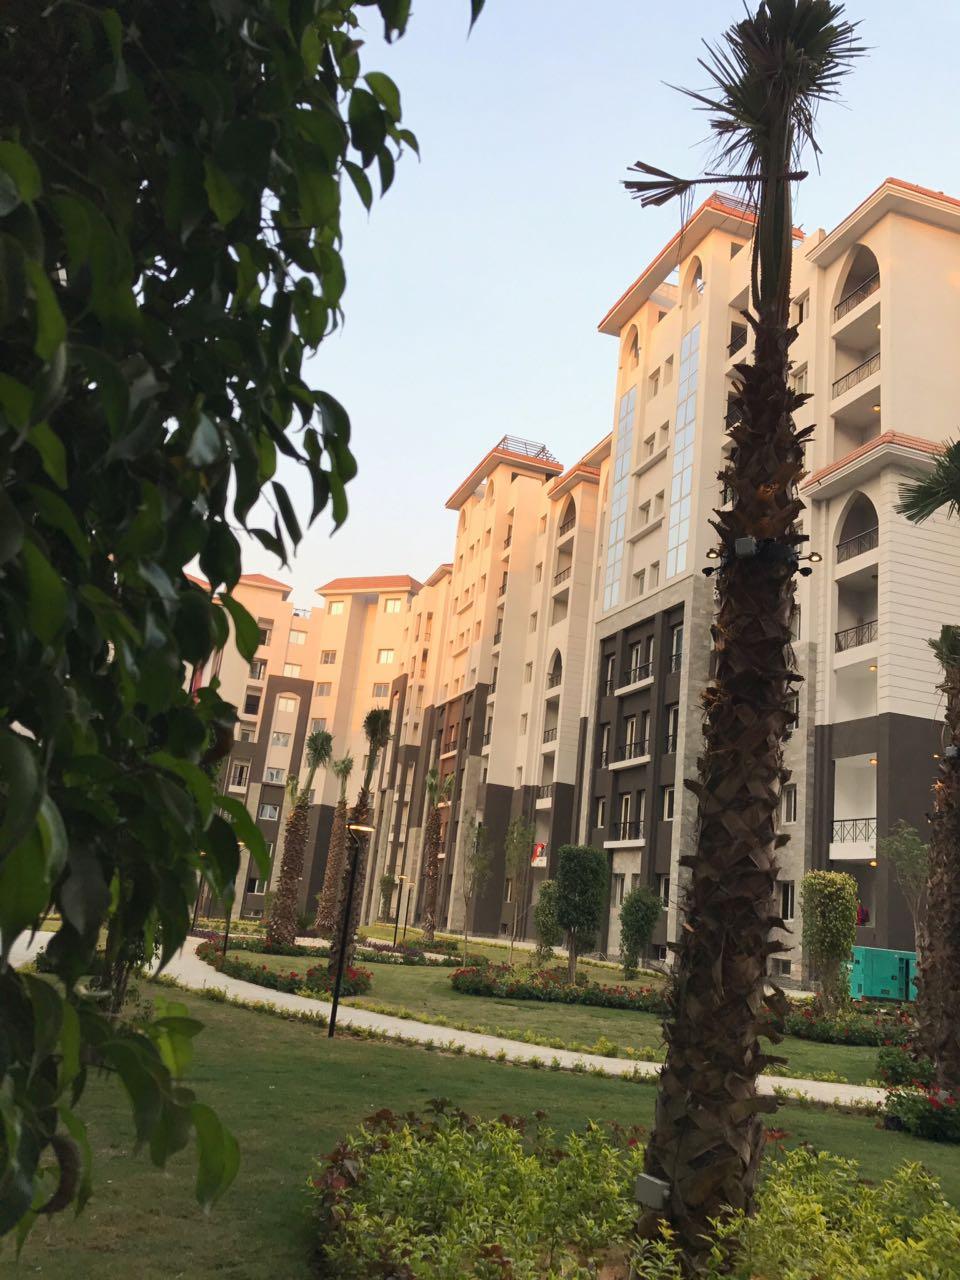 الإسكان تطرح شقق العاصمه الإداريه الجديده بعد العيد (2)